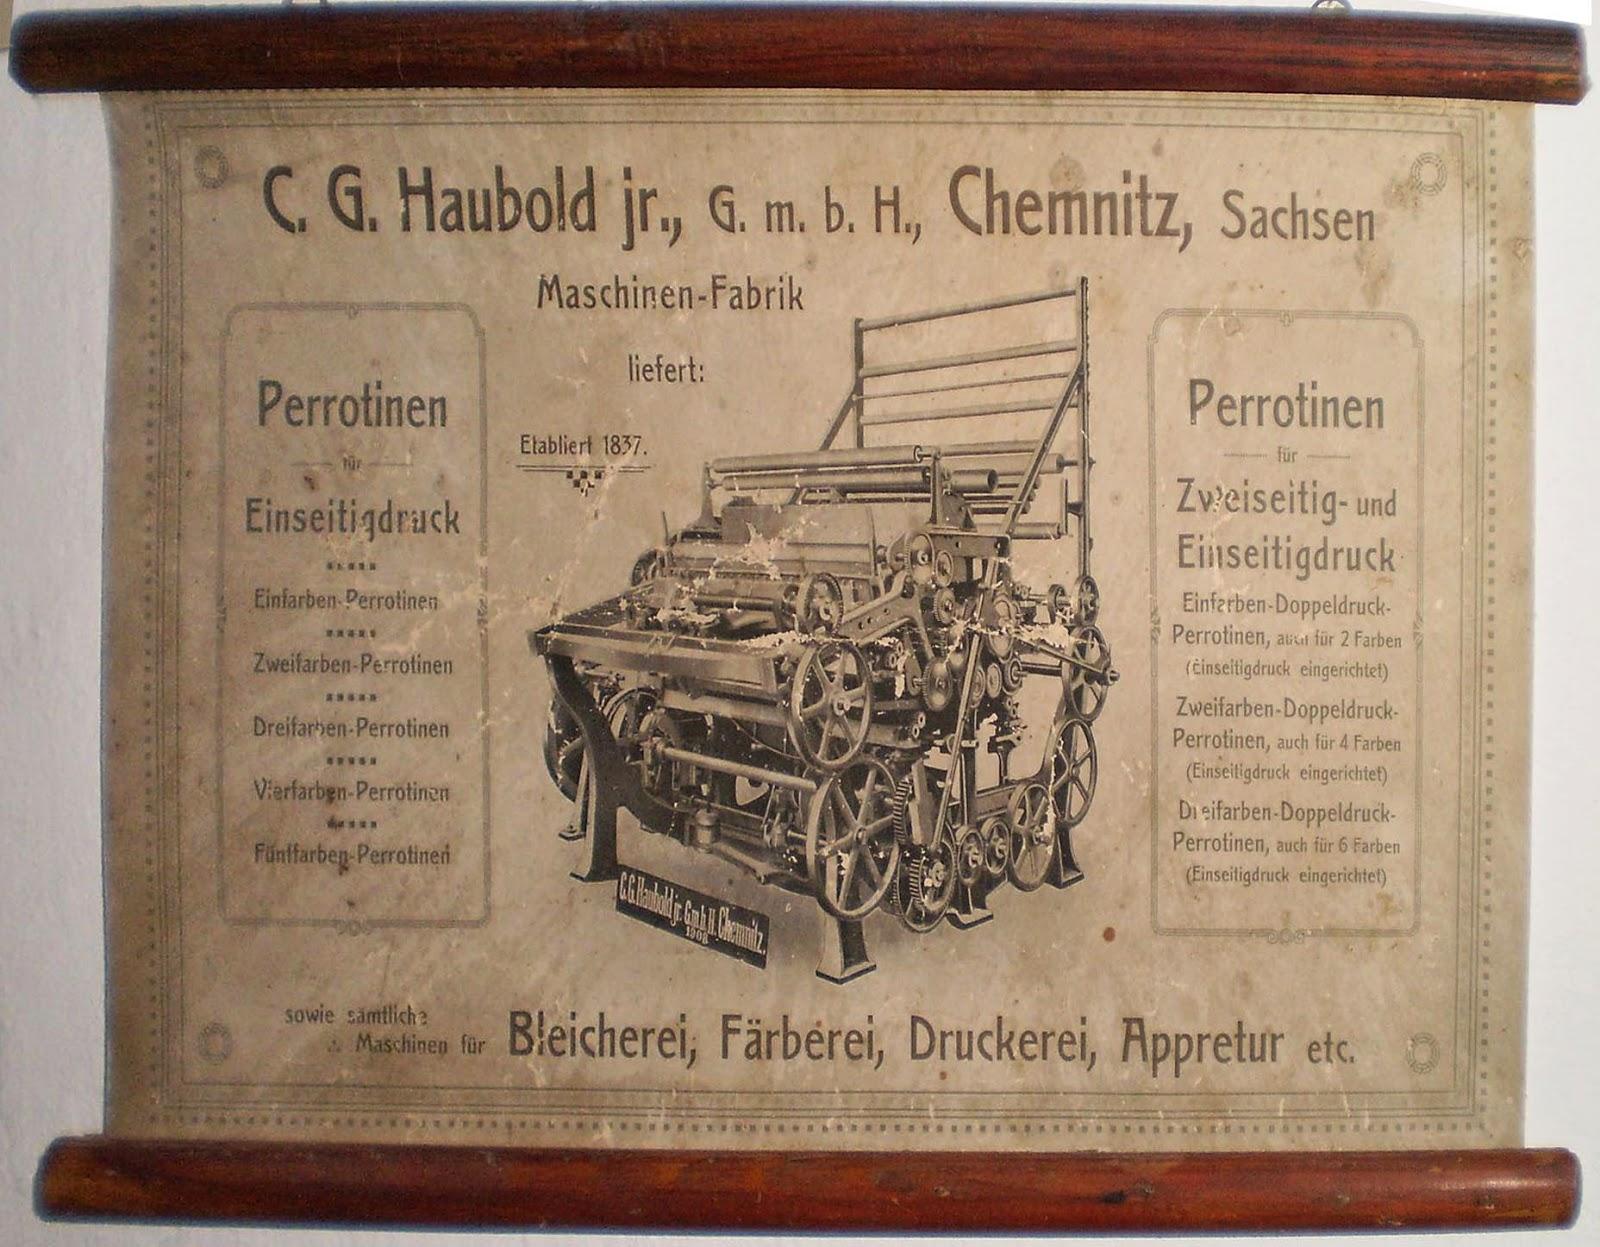 ماكينة البيروتين